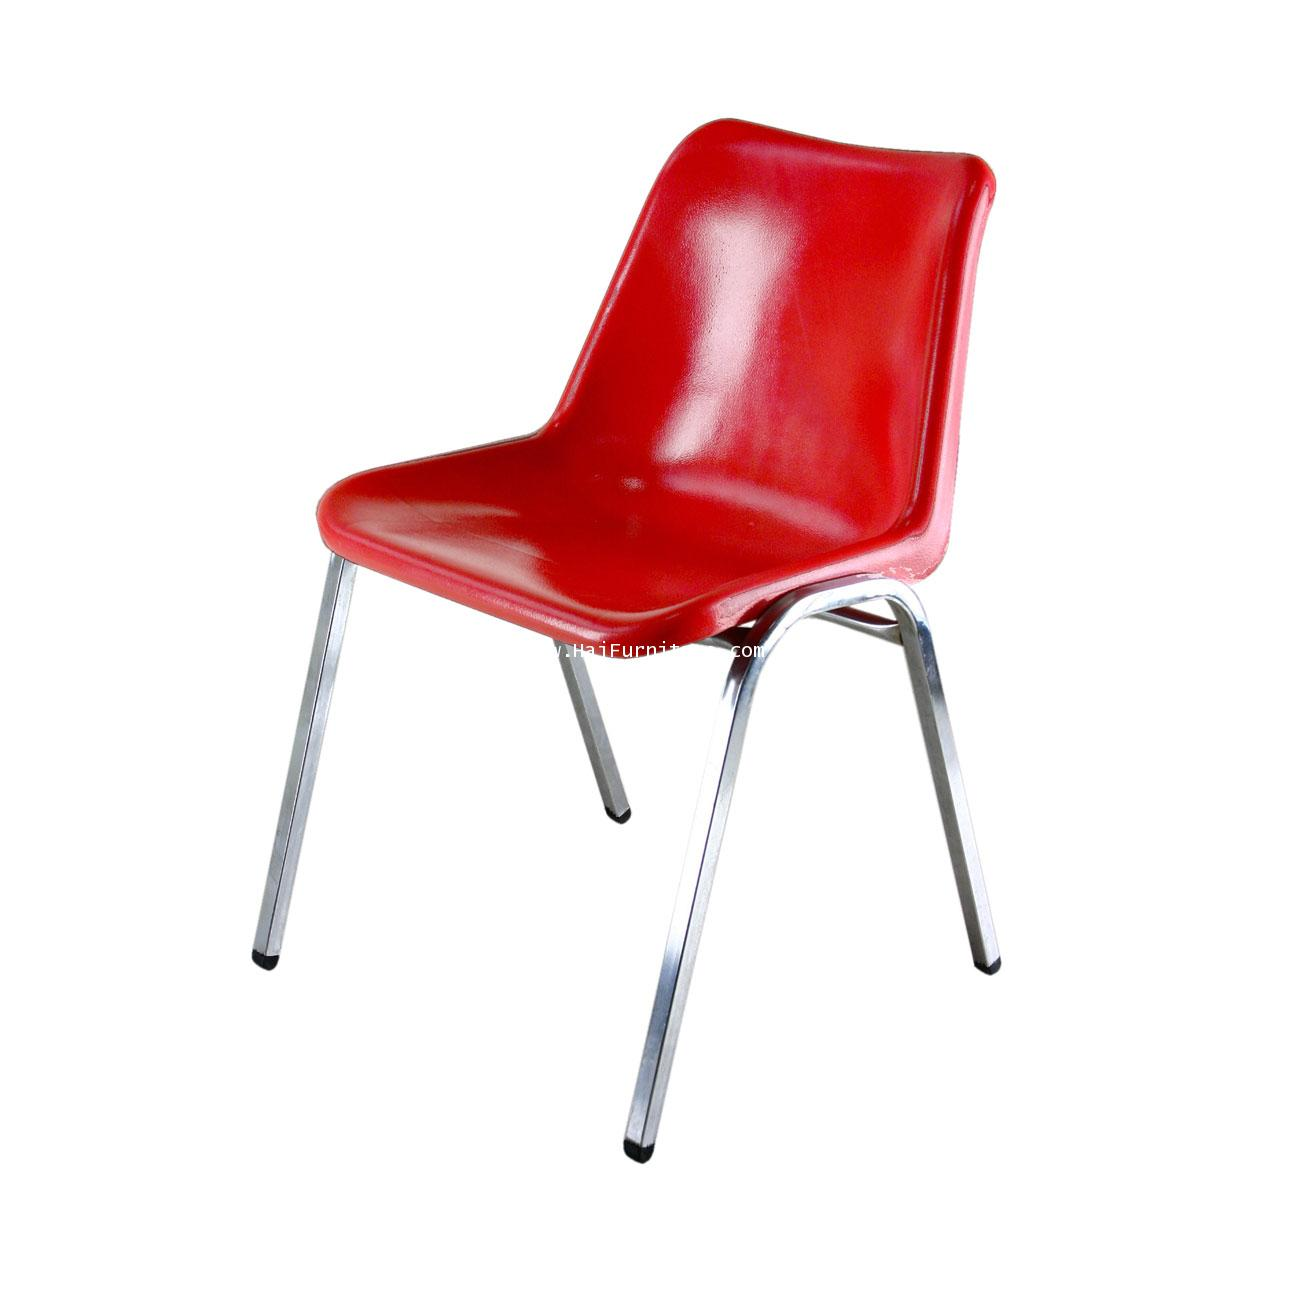 เก้าอี้โพลี MO-171 52*55*78 cm